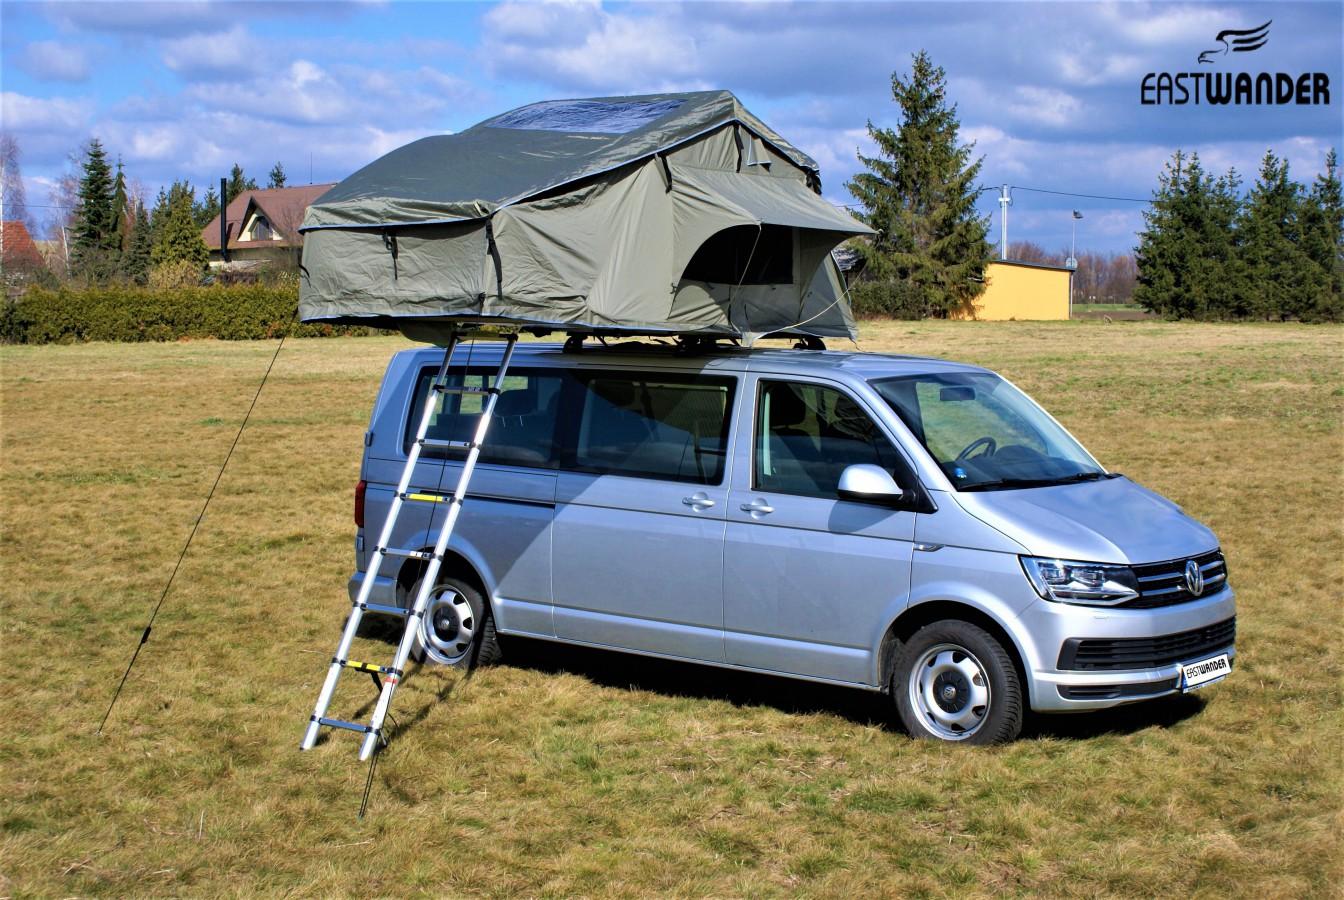 Škrupinové, látkové autostany pre spanie na streche vozidla - strešný stan Púchov, Trnava, Trenčín, Žilina